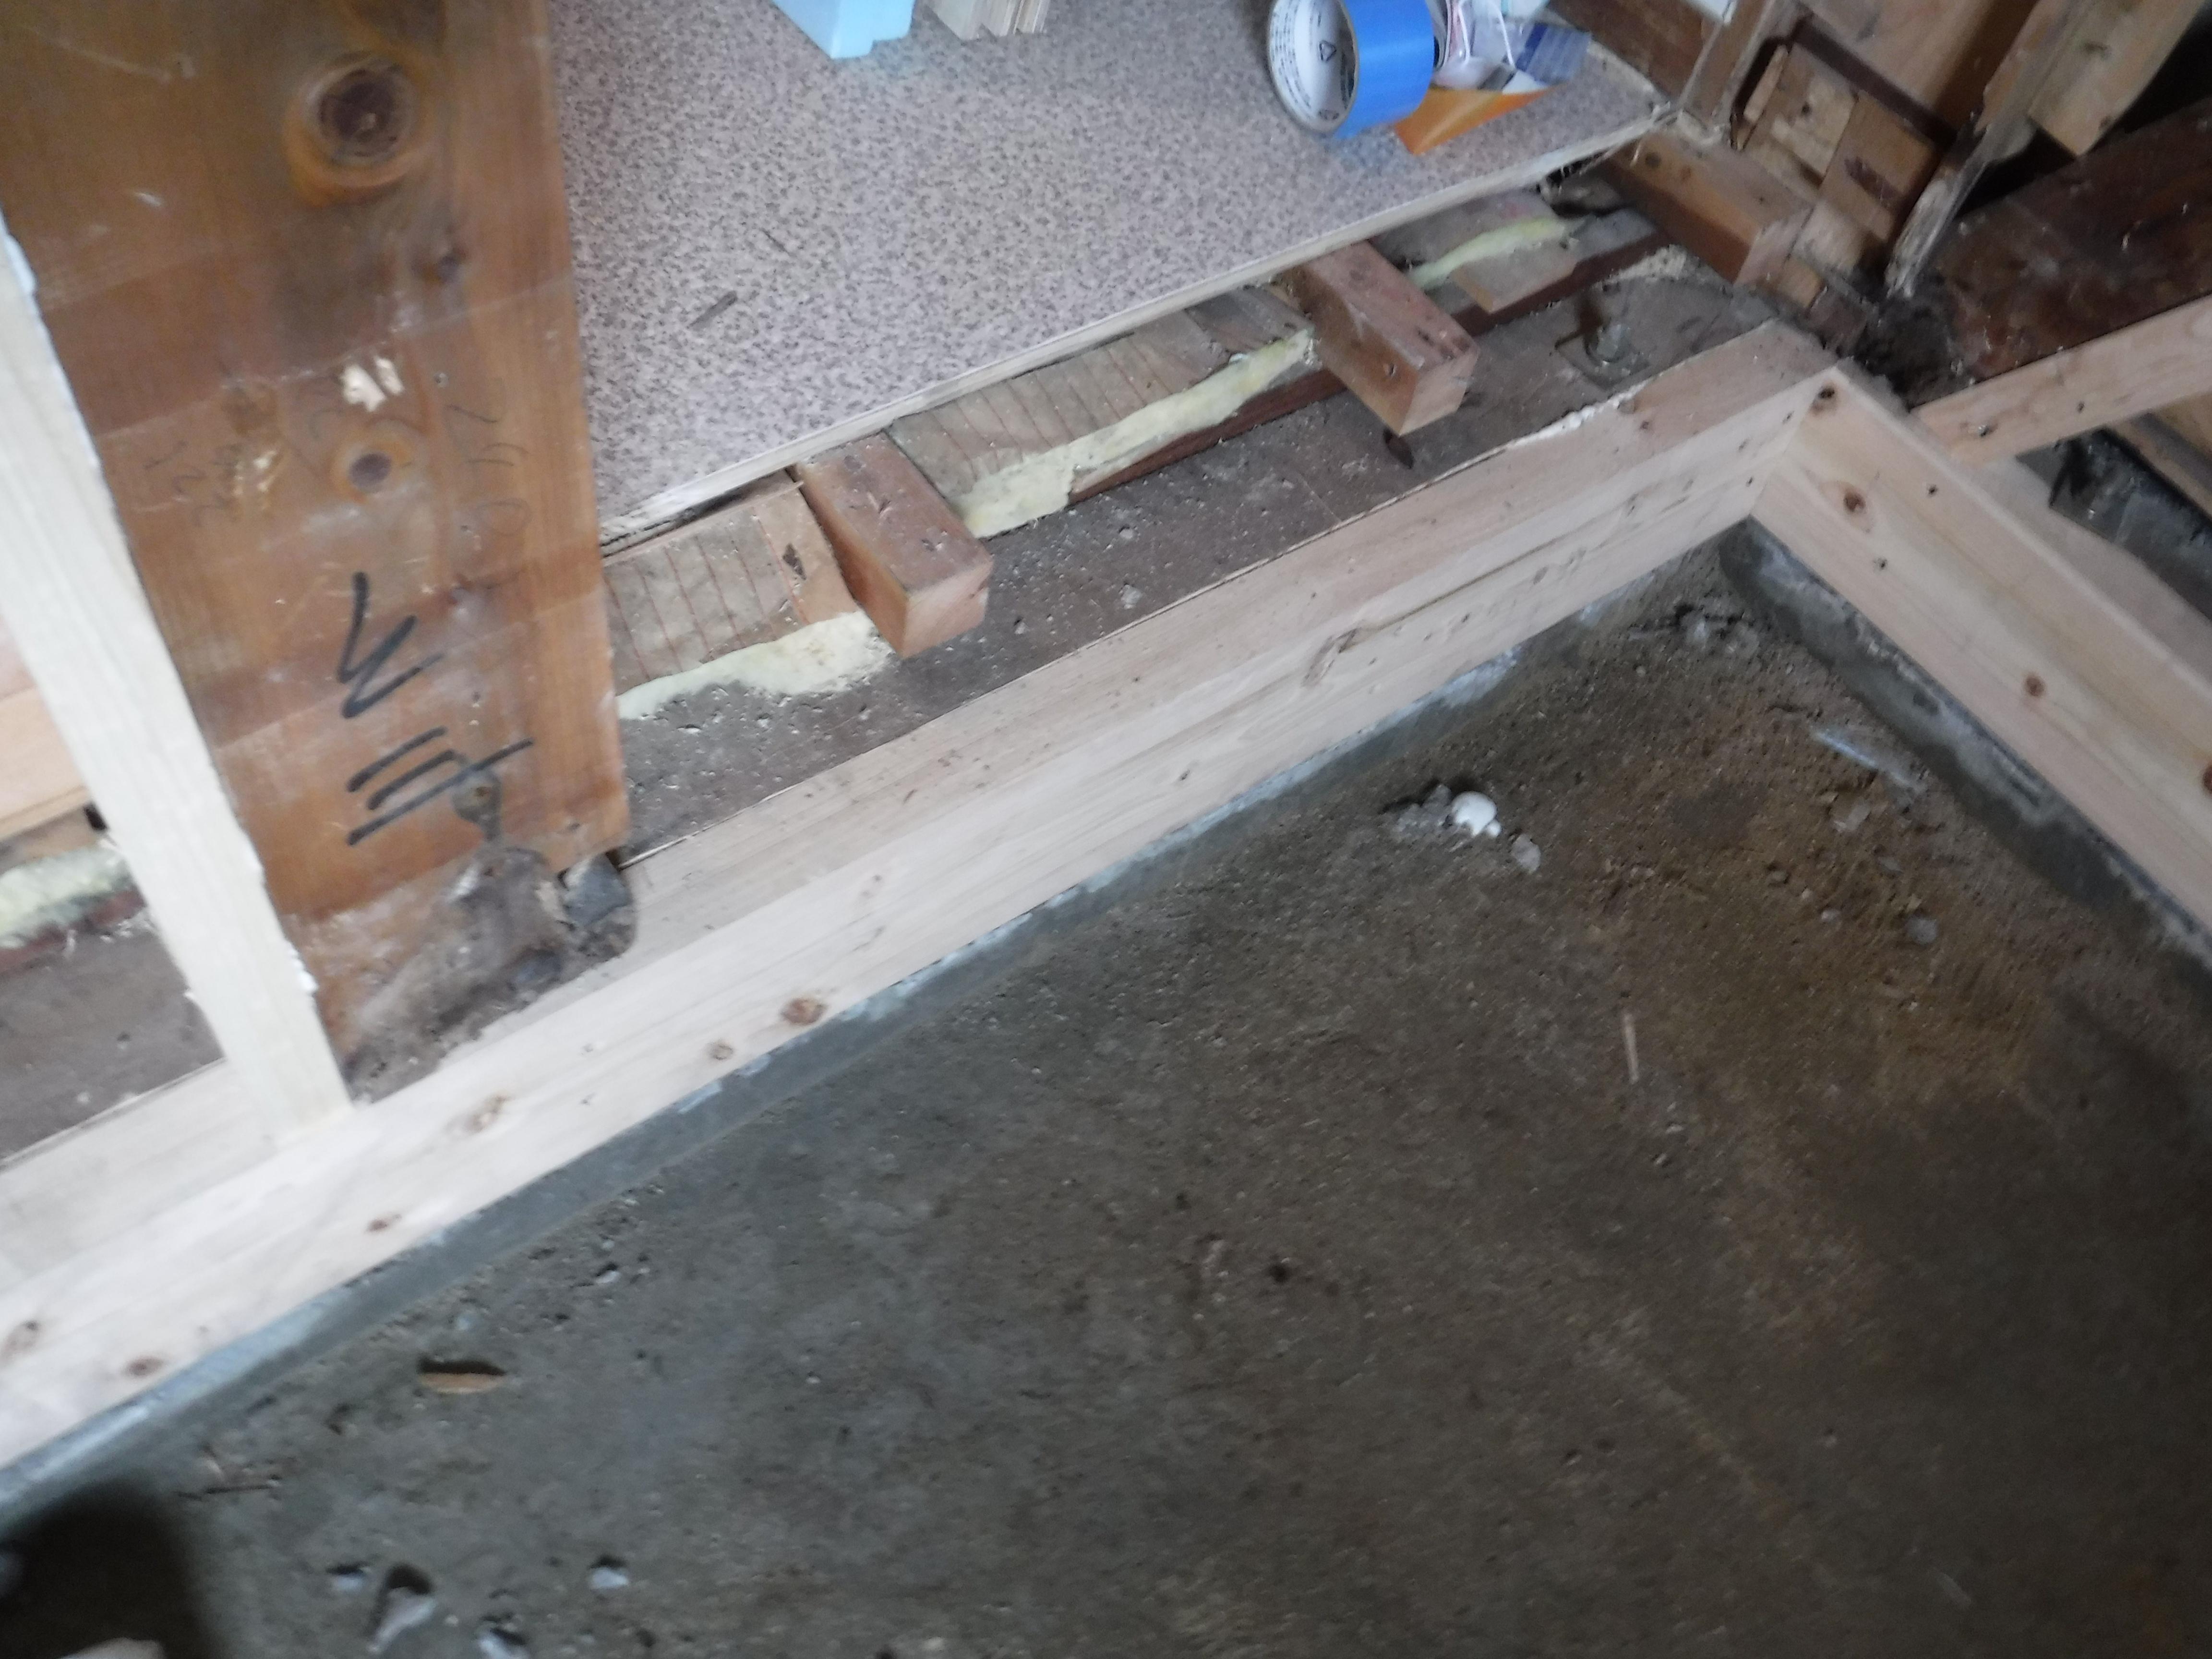 大きなお風呂のままで改装工事 予測できていた緊急工事